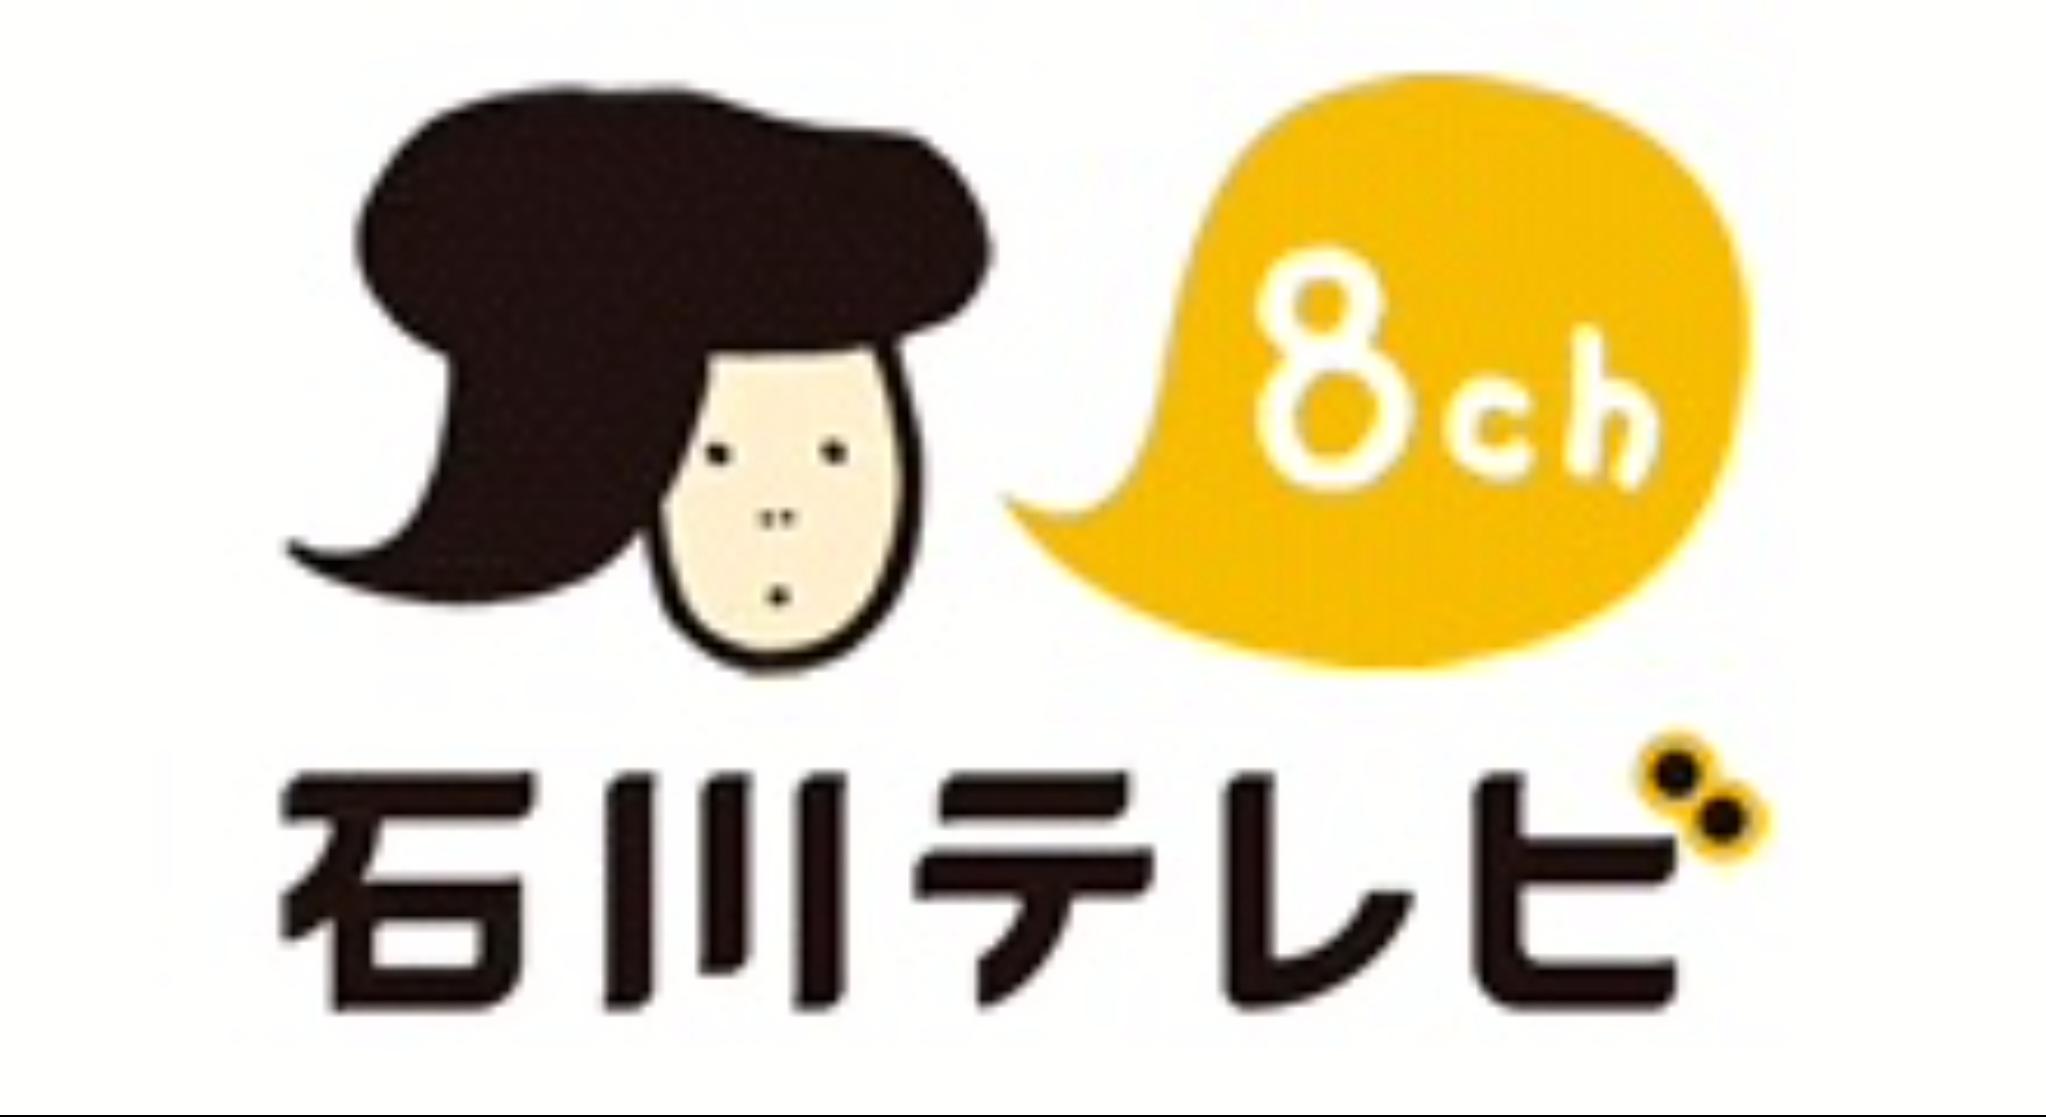 テレビ石川さん